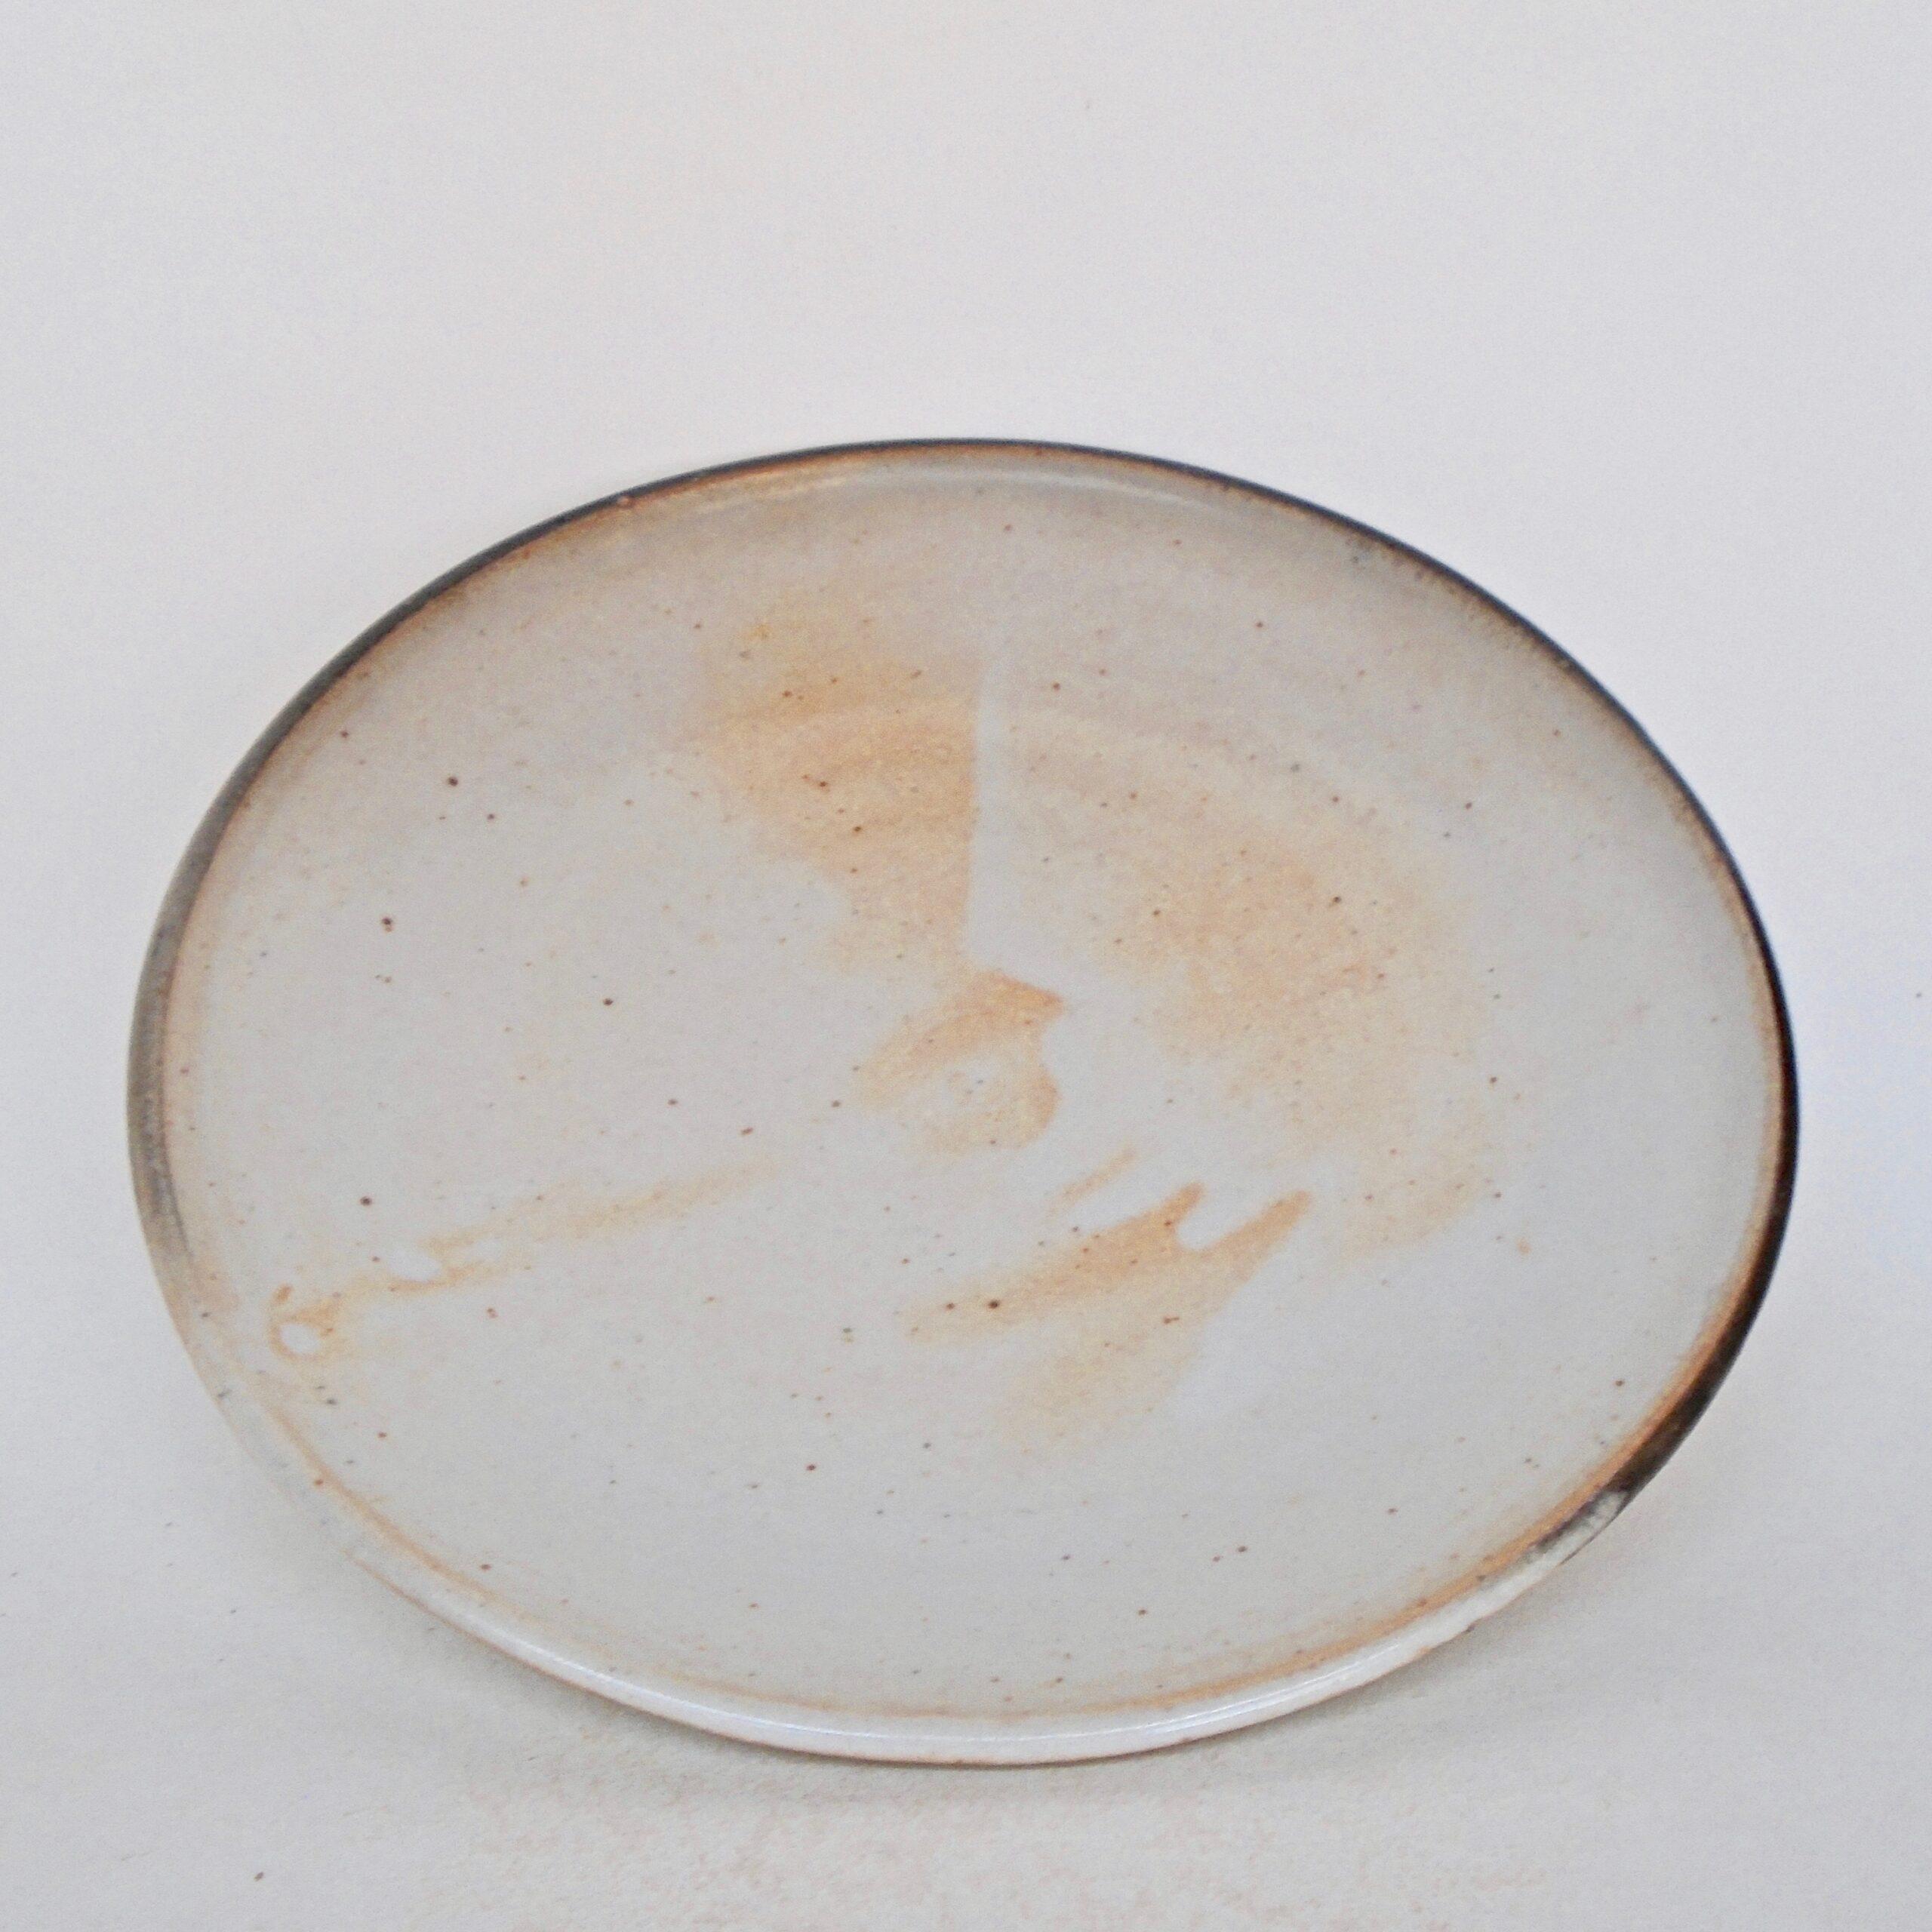 JL287: Shino Porcelain Plate